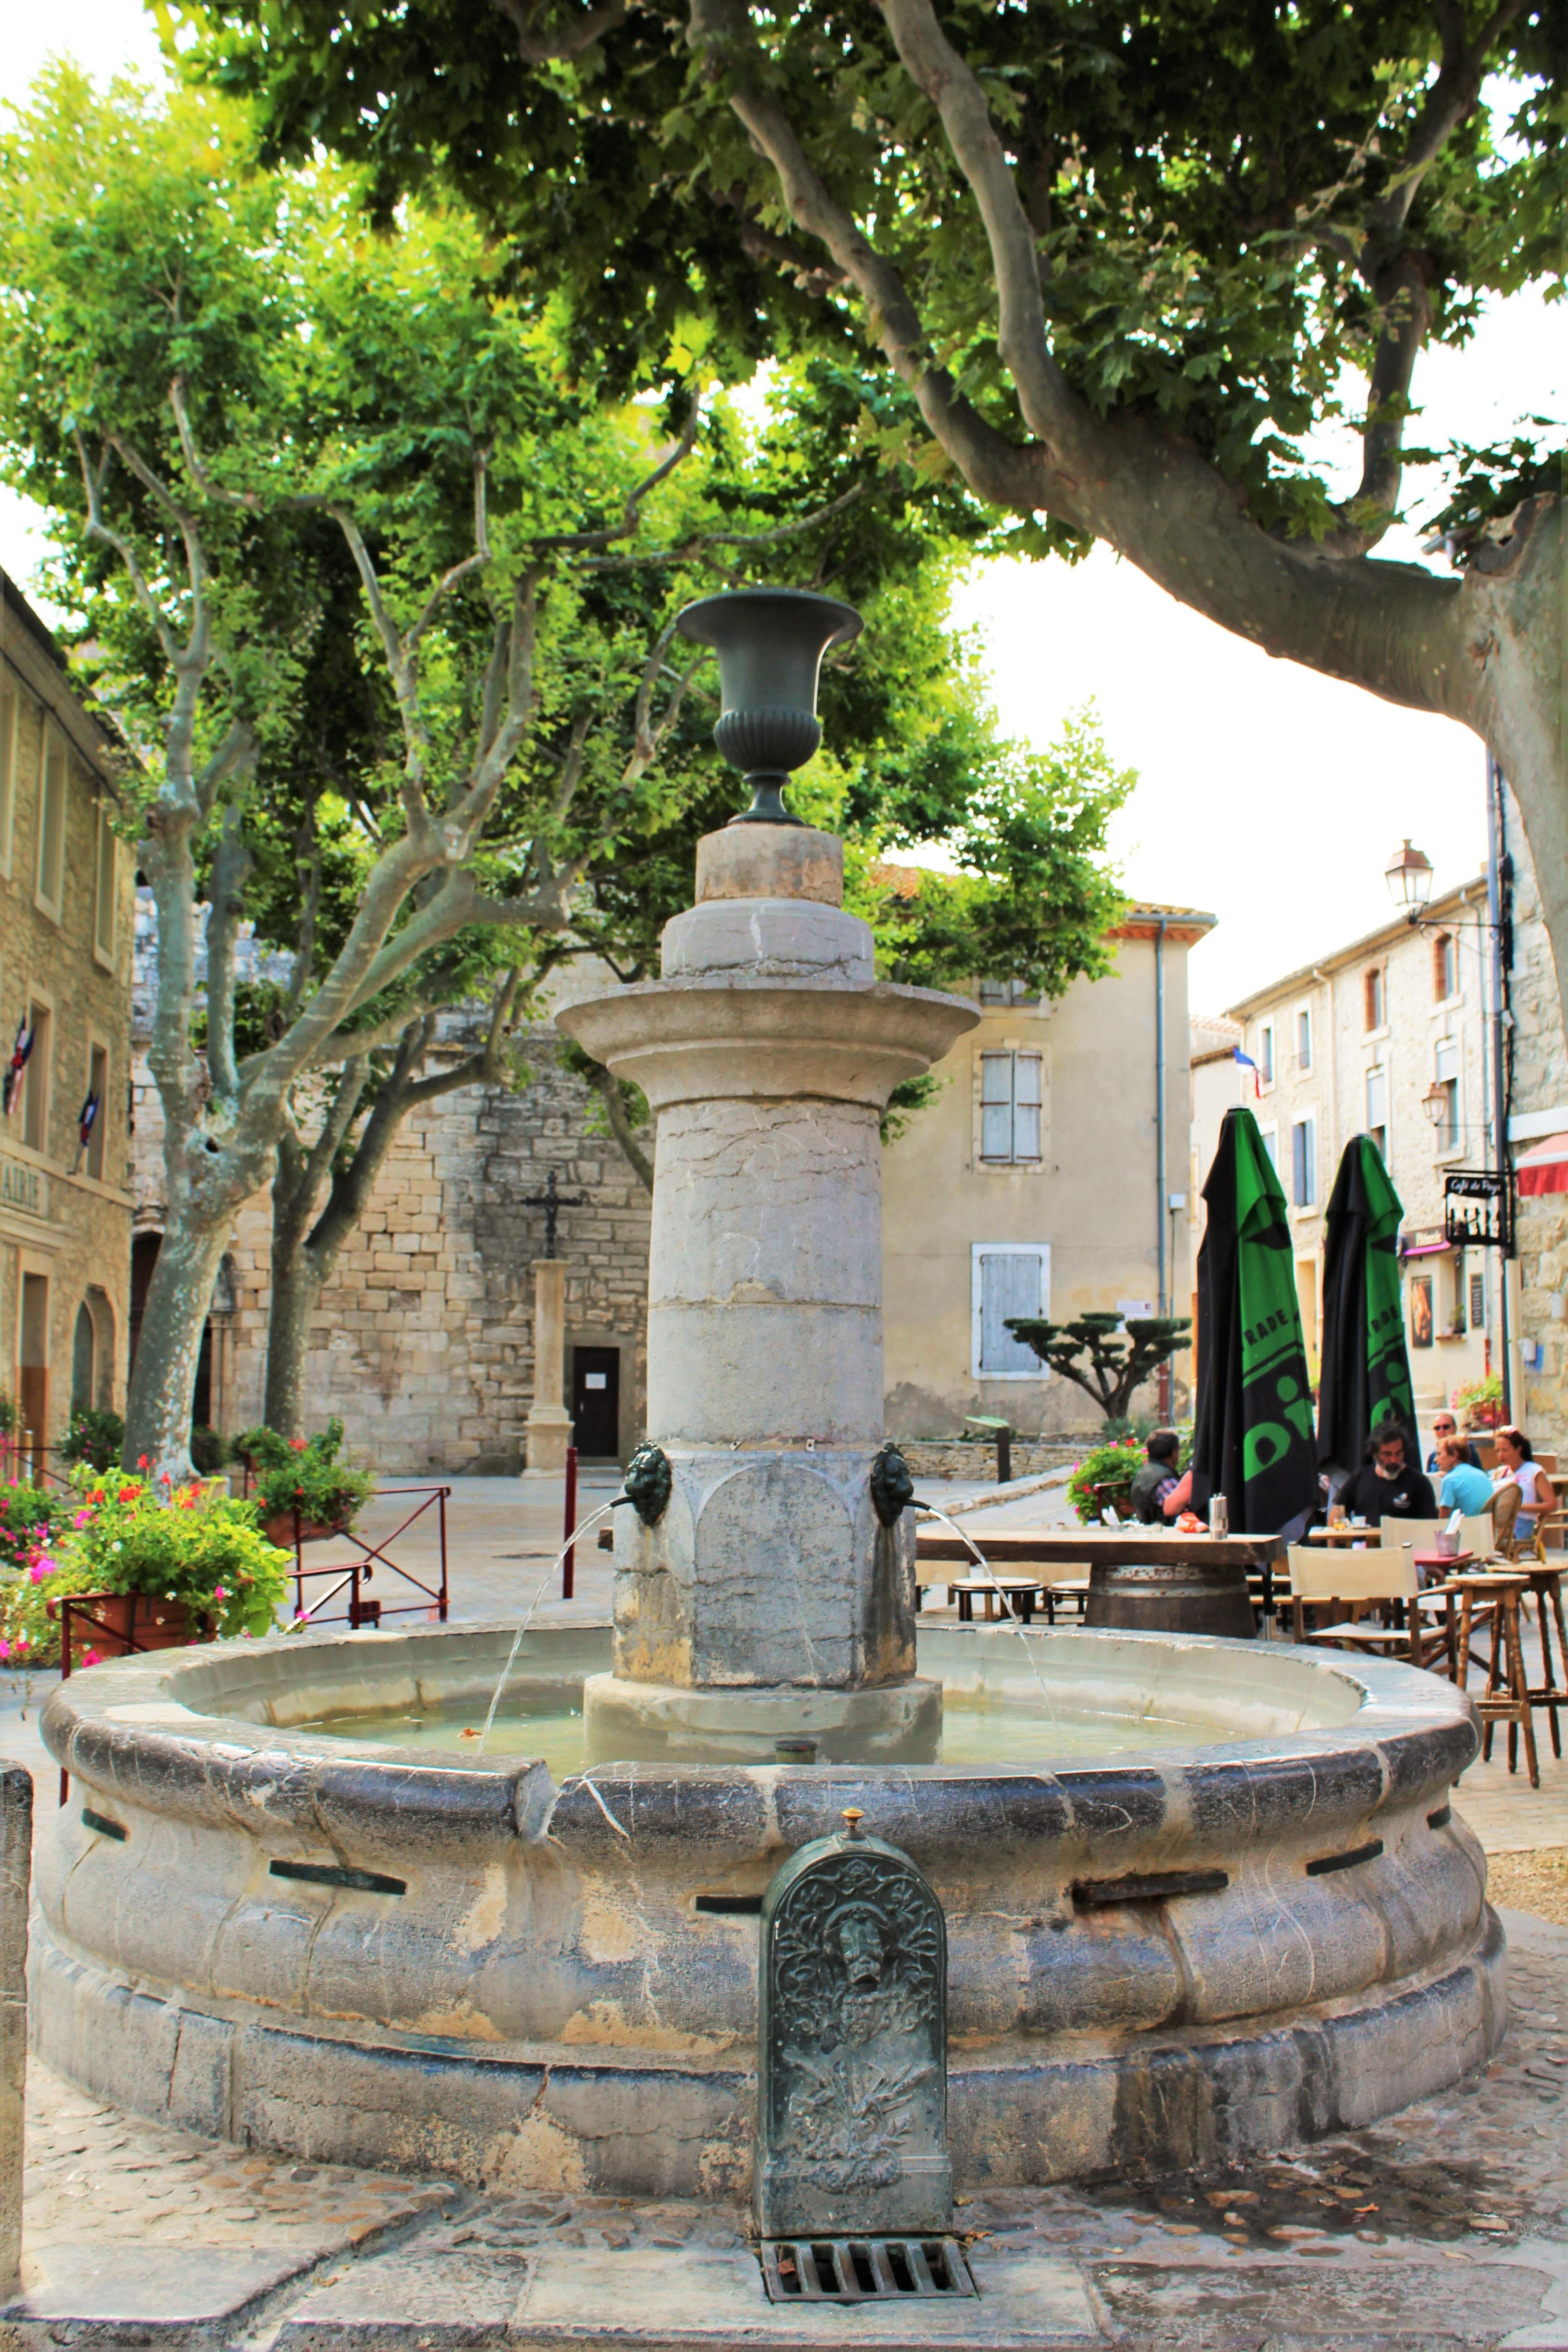 Images Gratuites : eau, monument, avion, France, jardin, temple ...